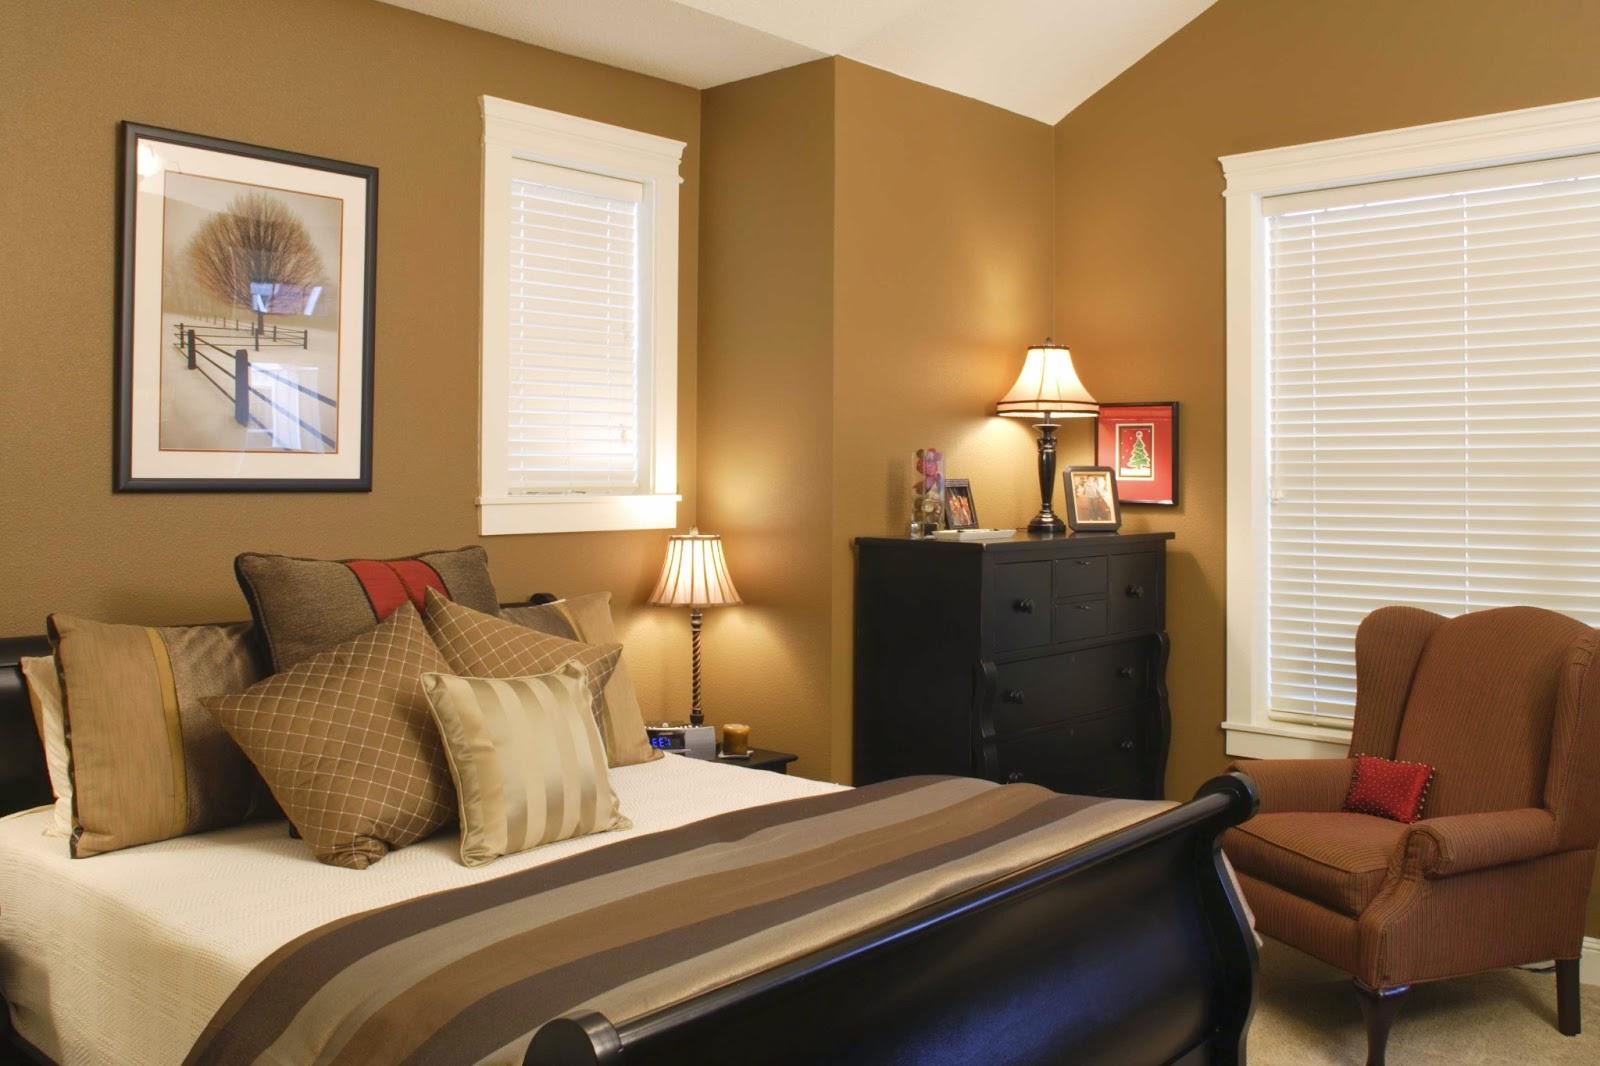 warna kamar tidur yang nyaman